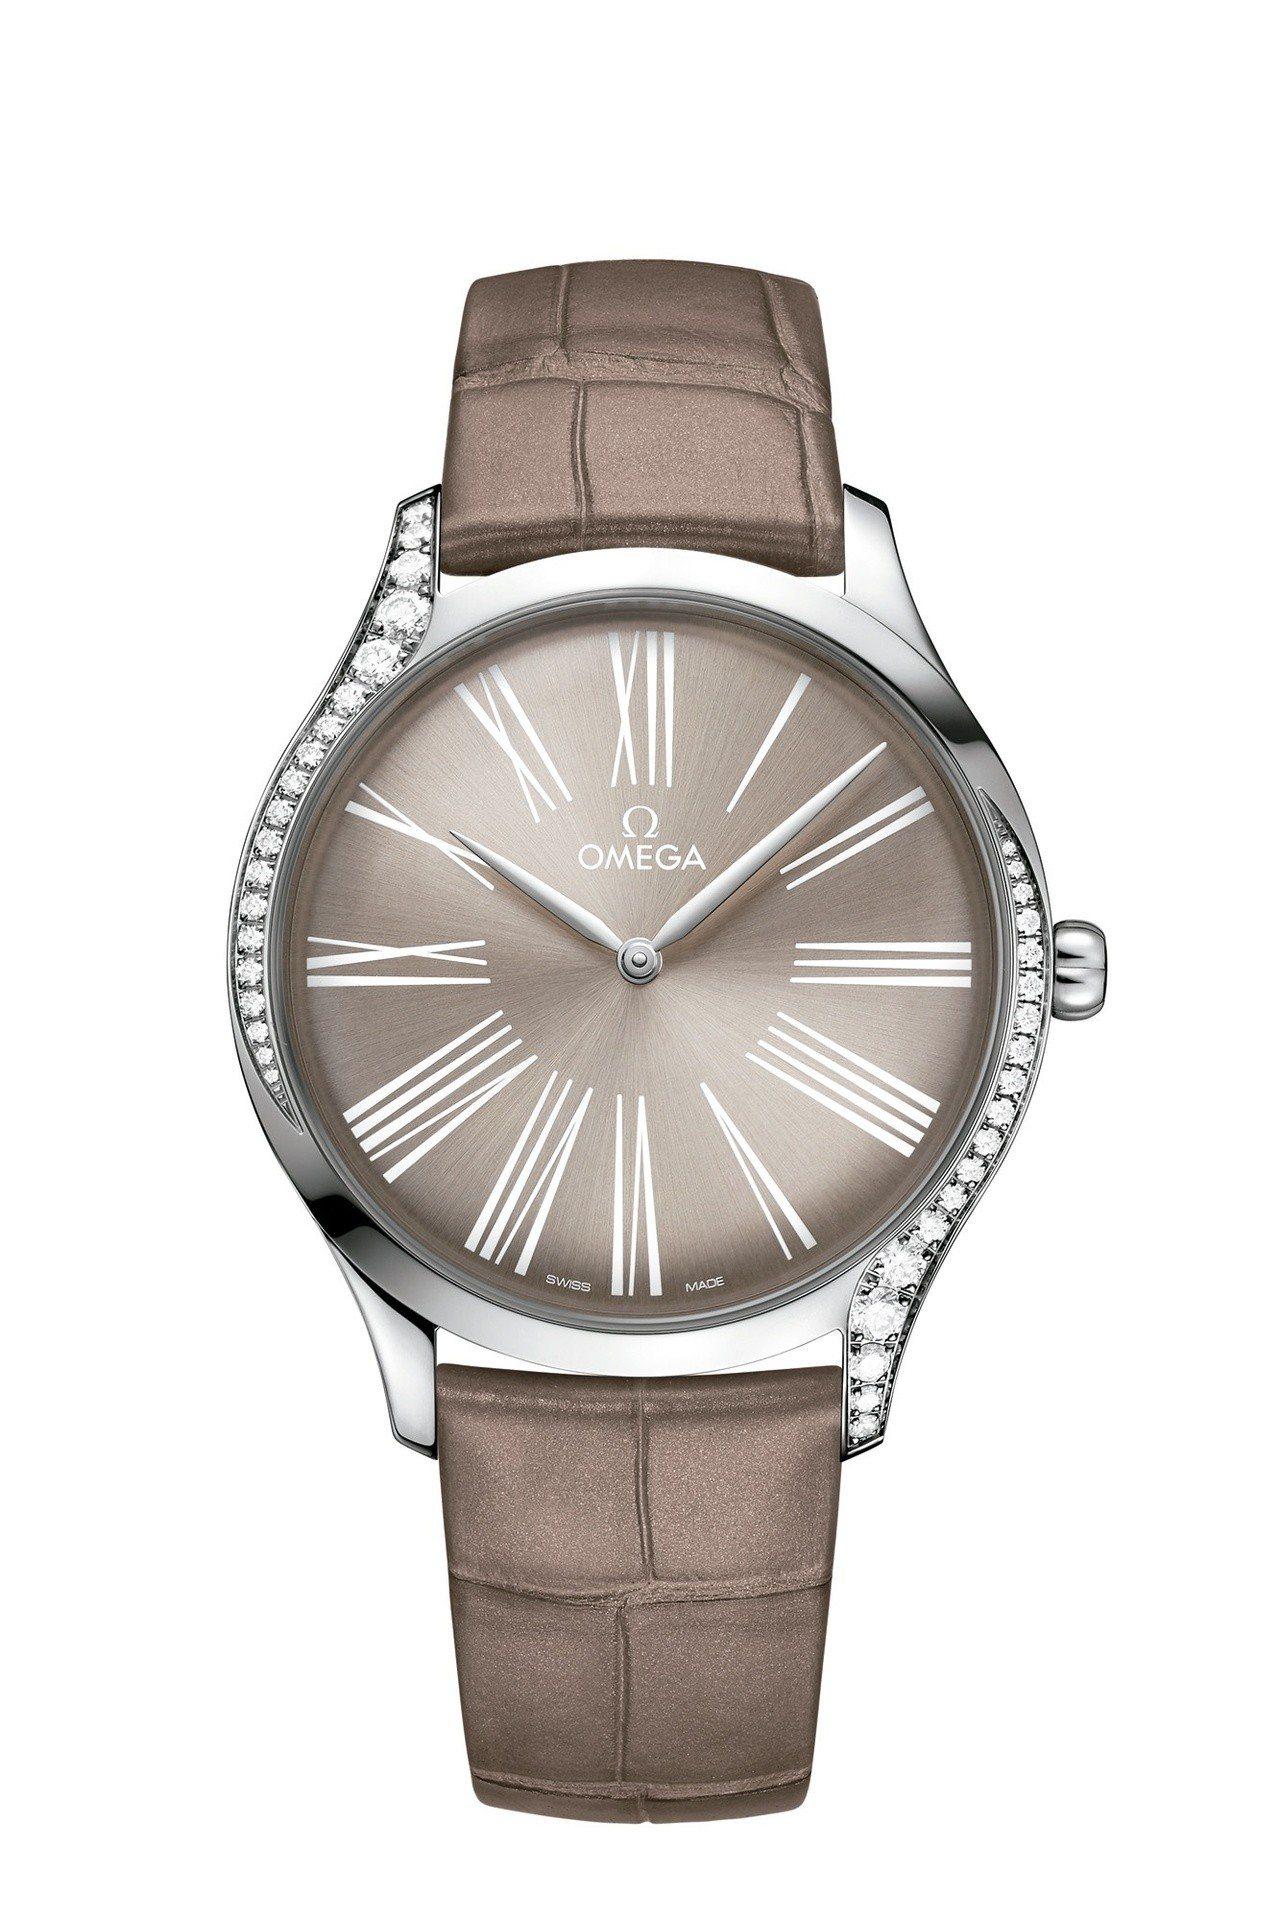 歐米茄碟飛系列Trésor腕表,不鏽鋼表殼表殼鑲嵌鑽石,39毫米表徑,約16萬6...